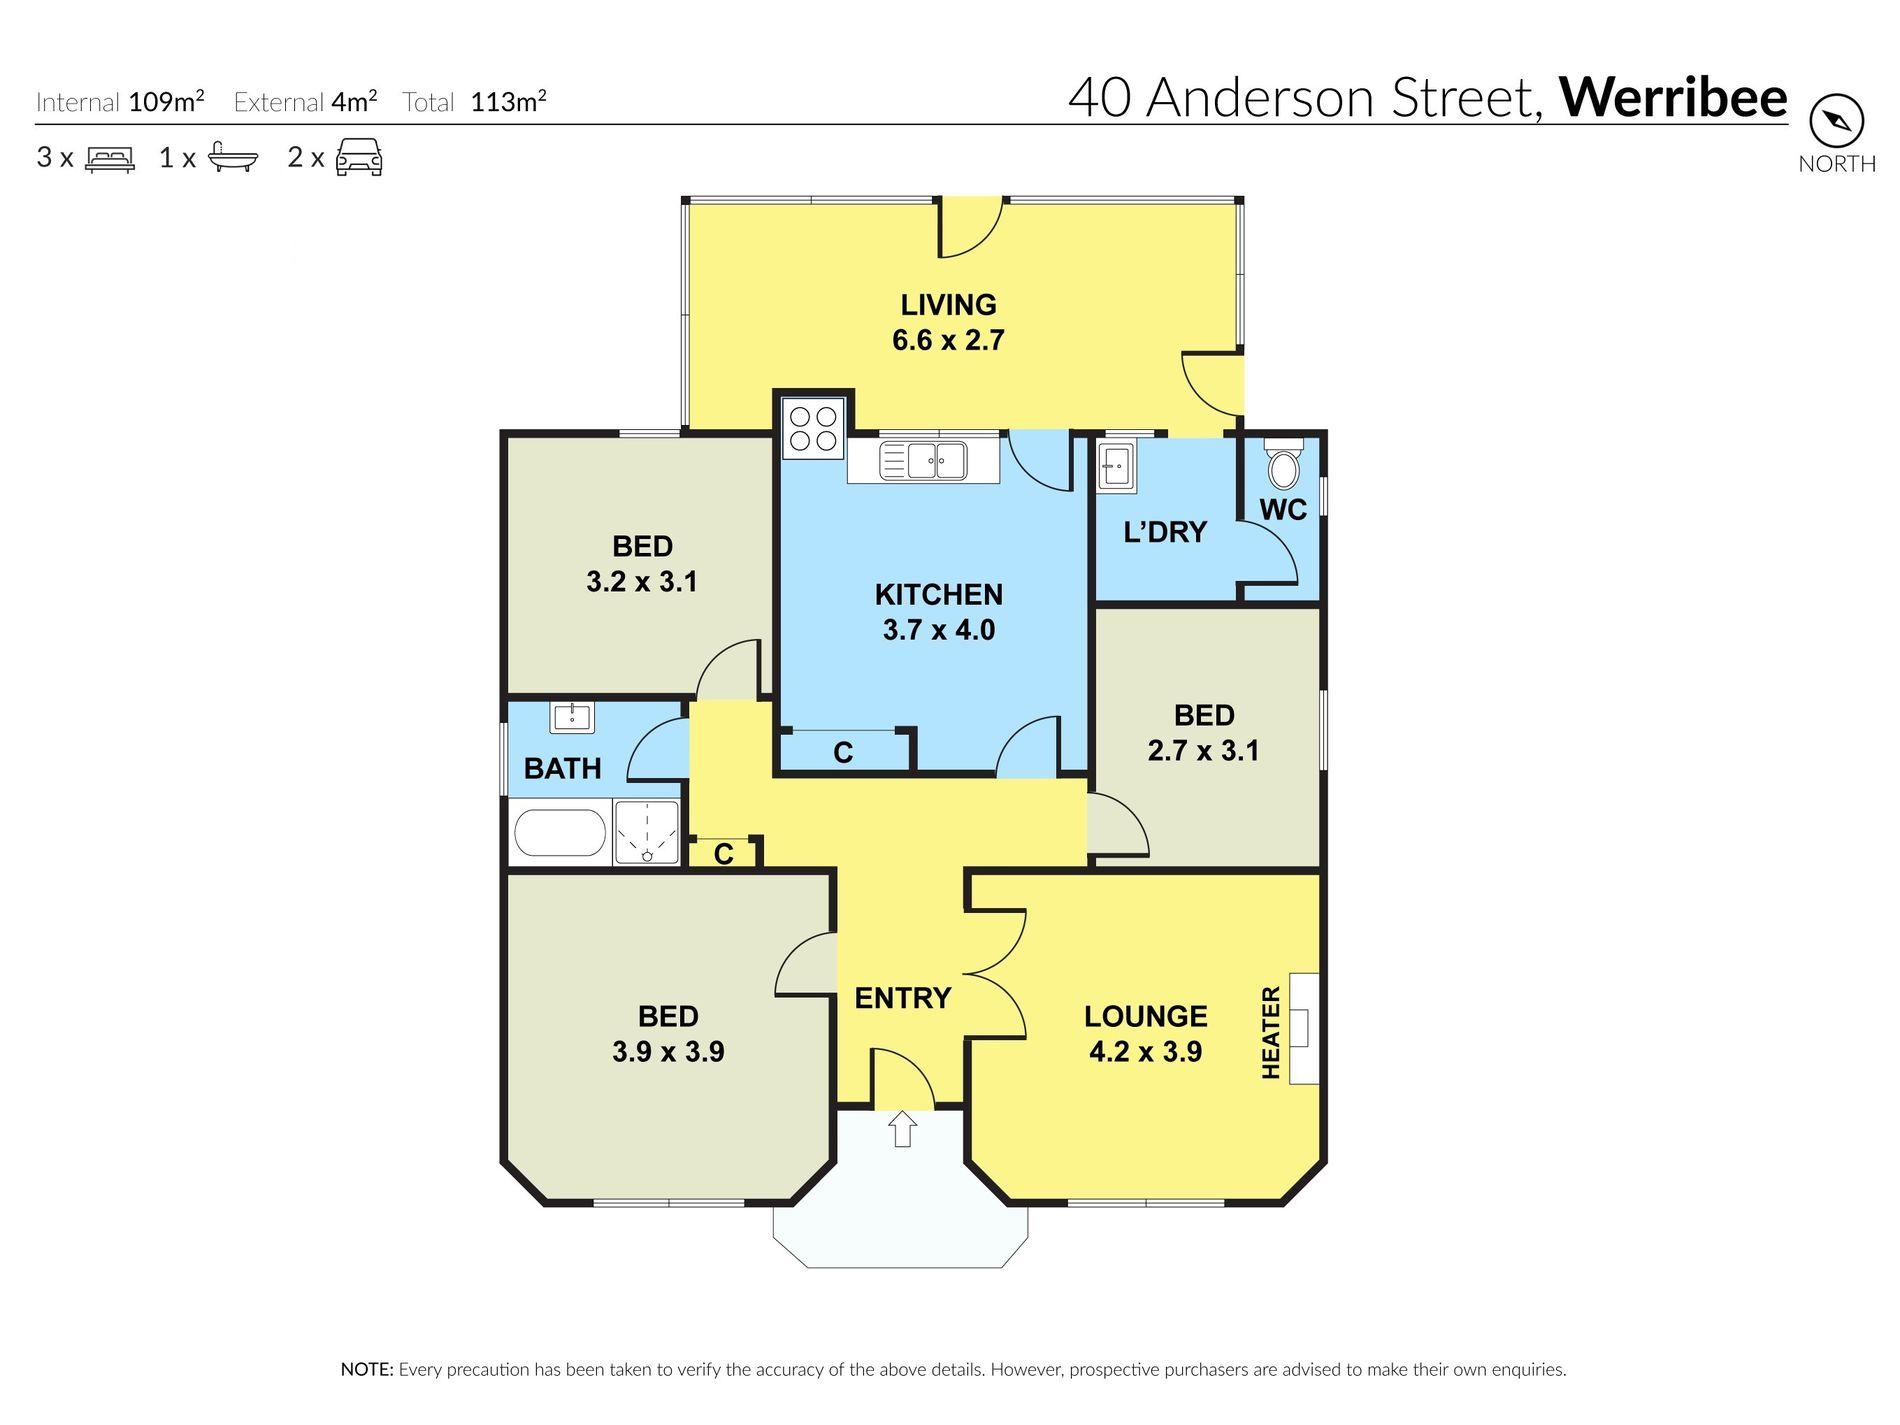 40 Anderson Street, Werribee